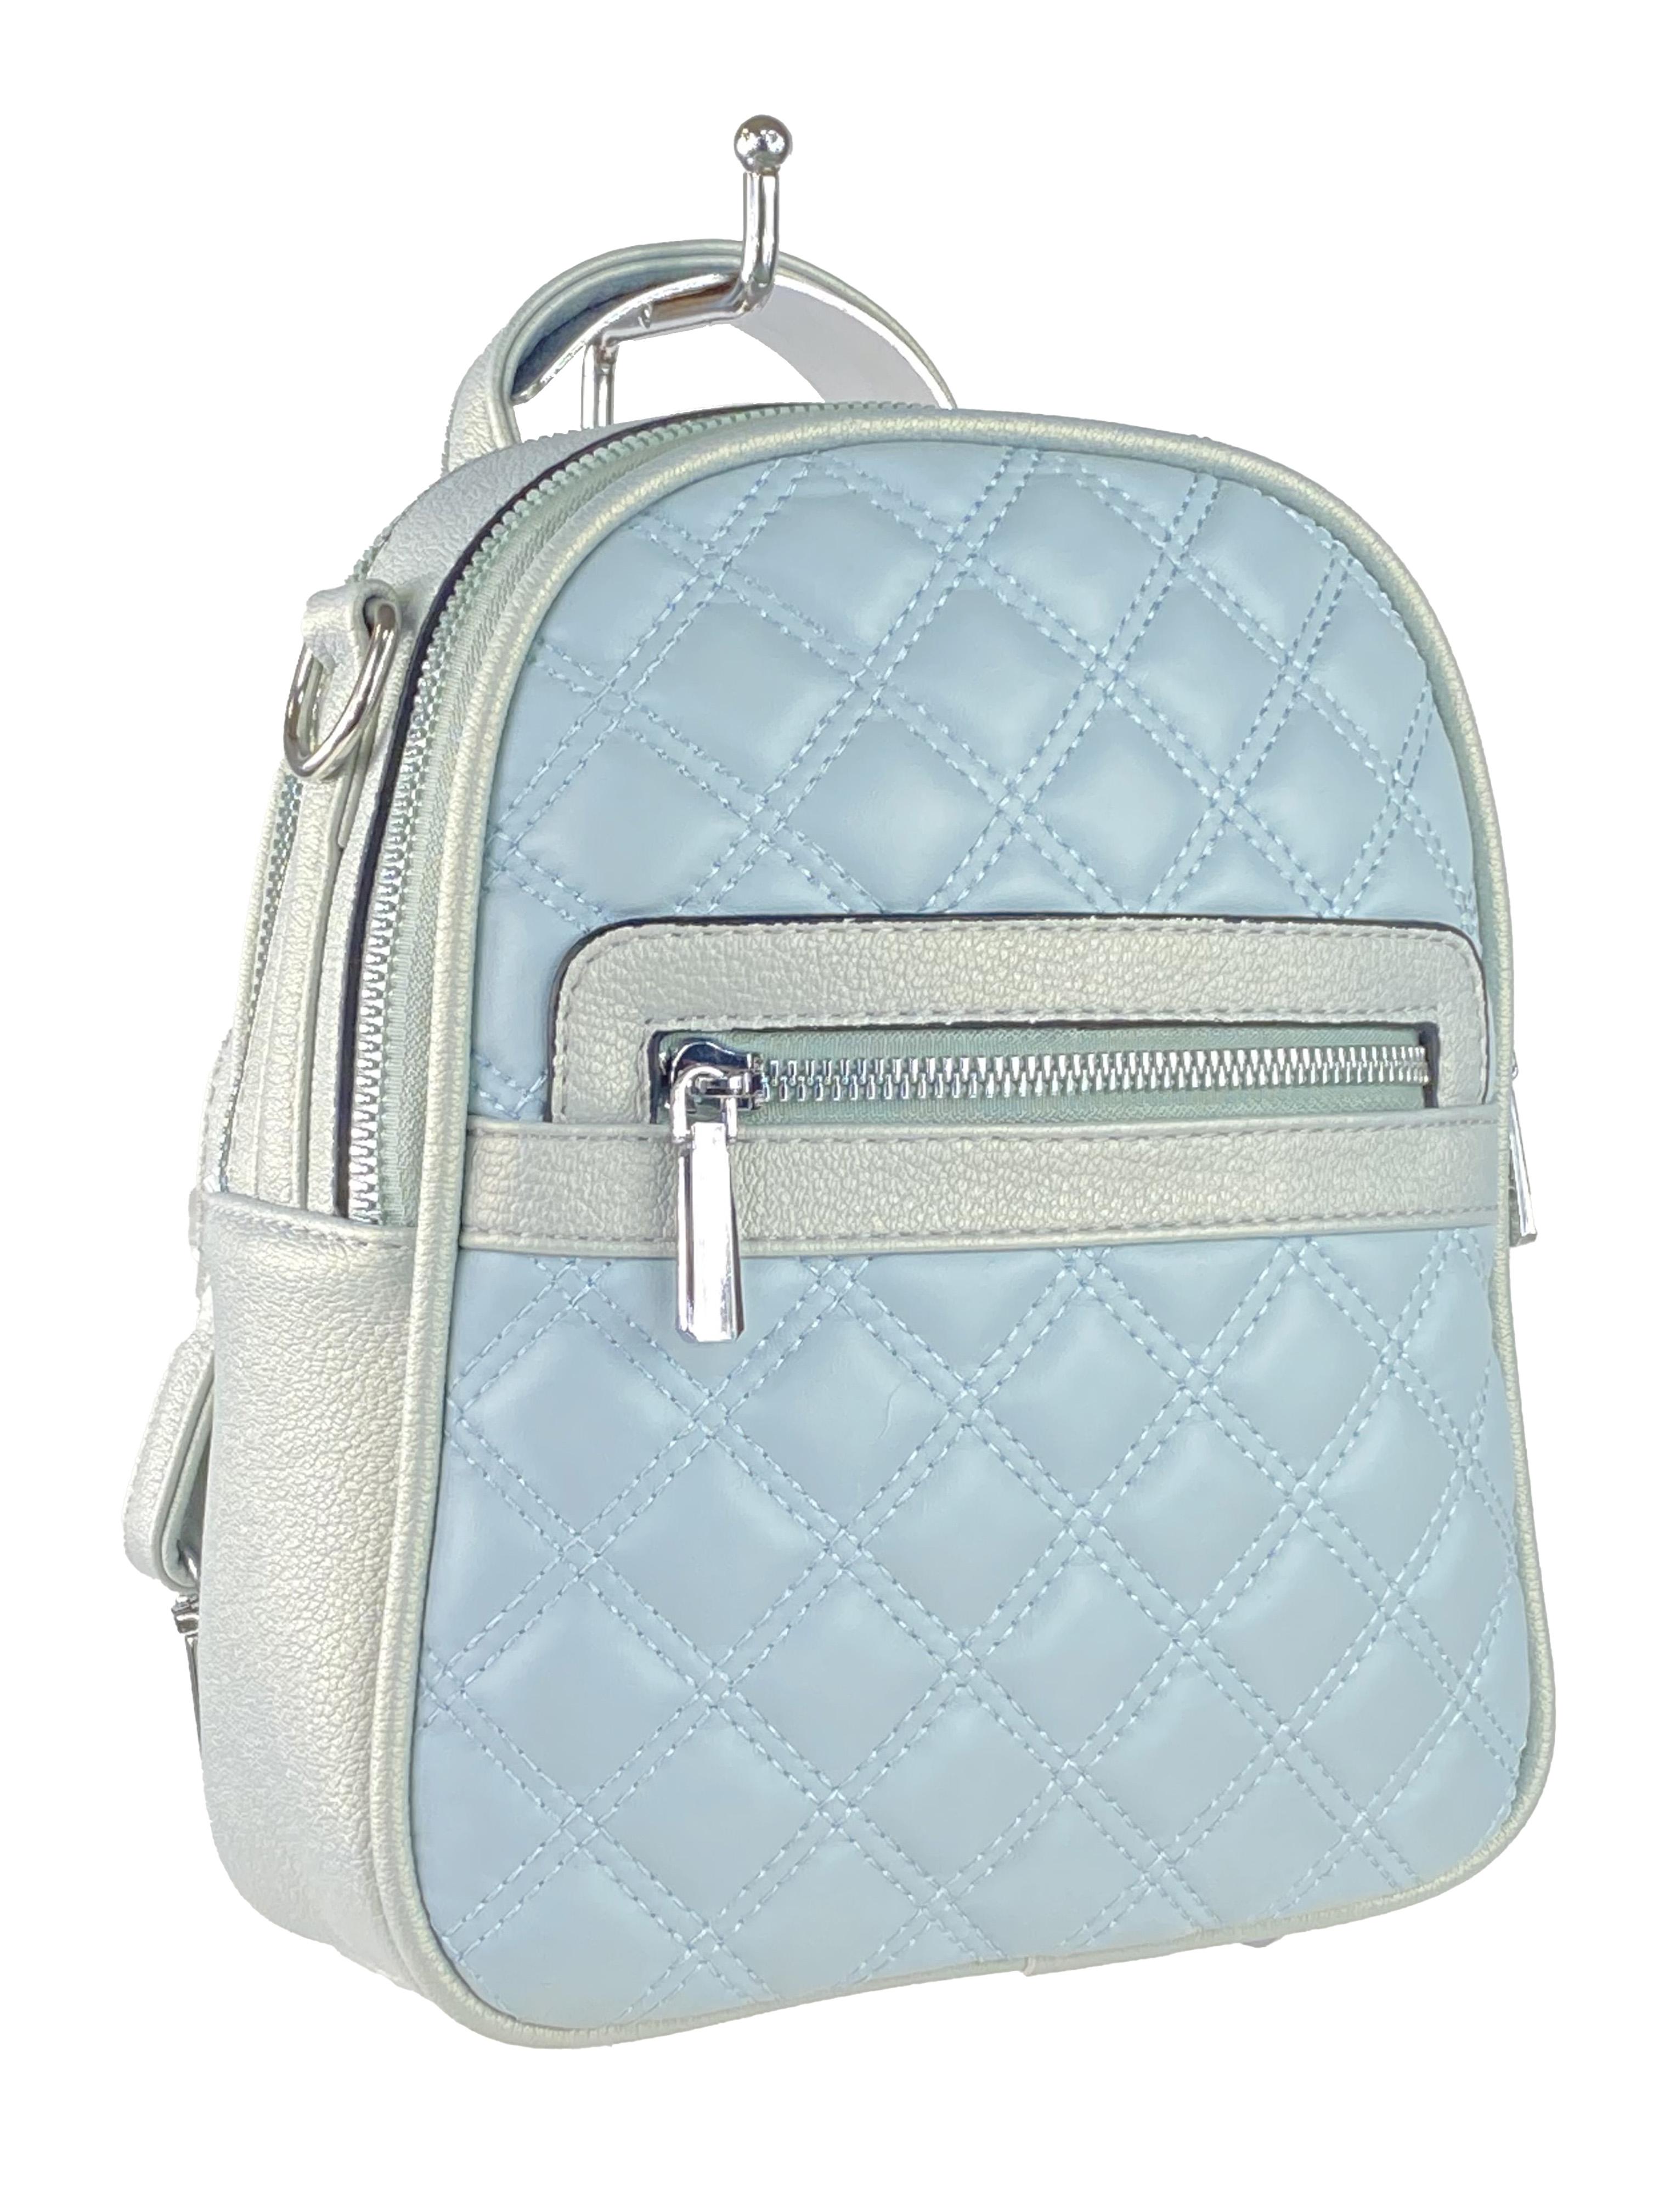 Женская стёганая сумка-рюкзак из искусственной кожи, цвет светло-бирюзовый